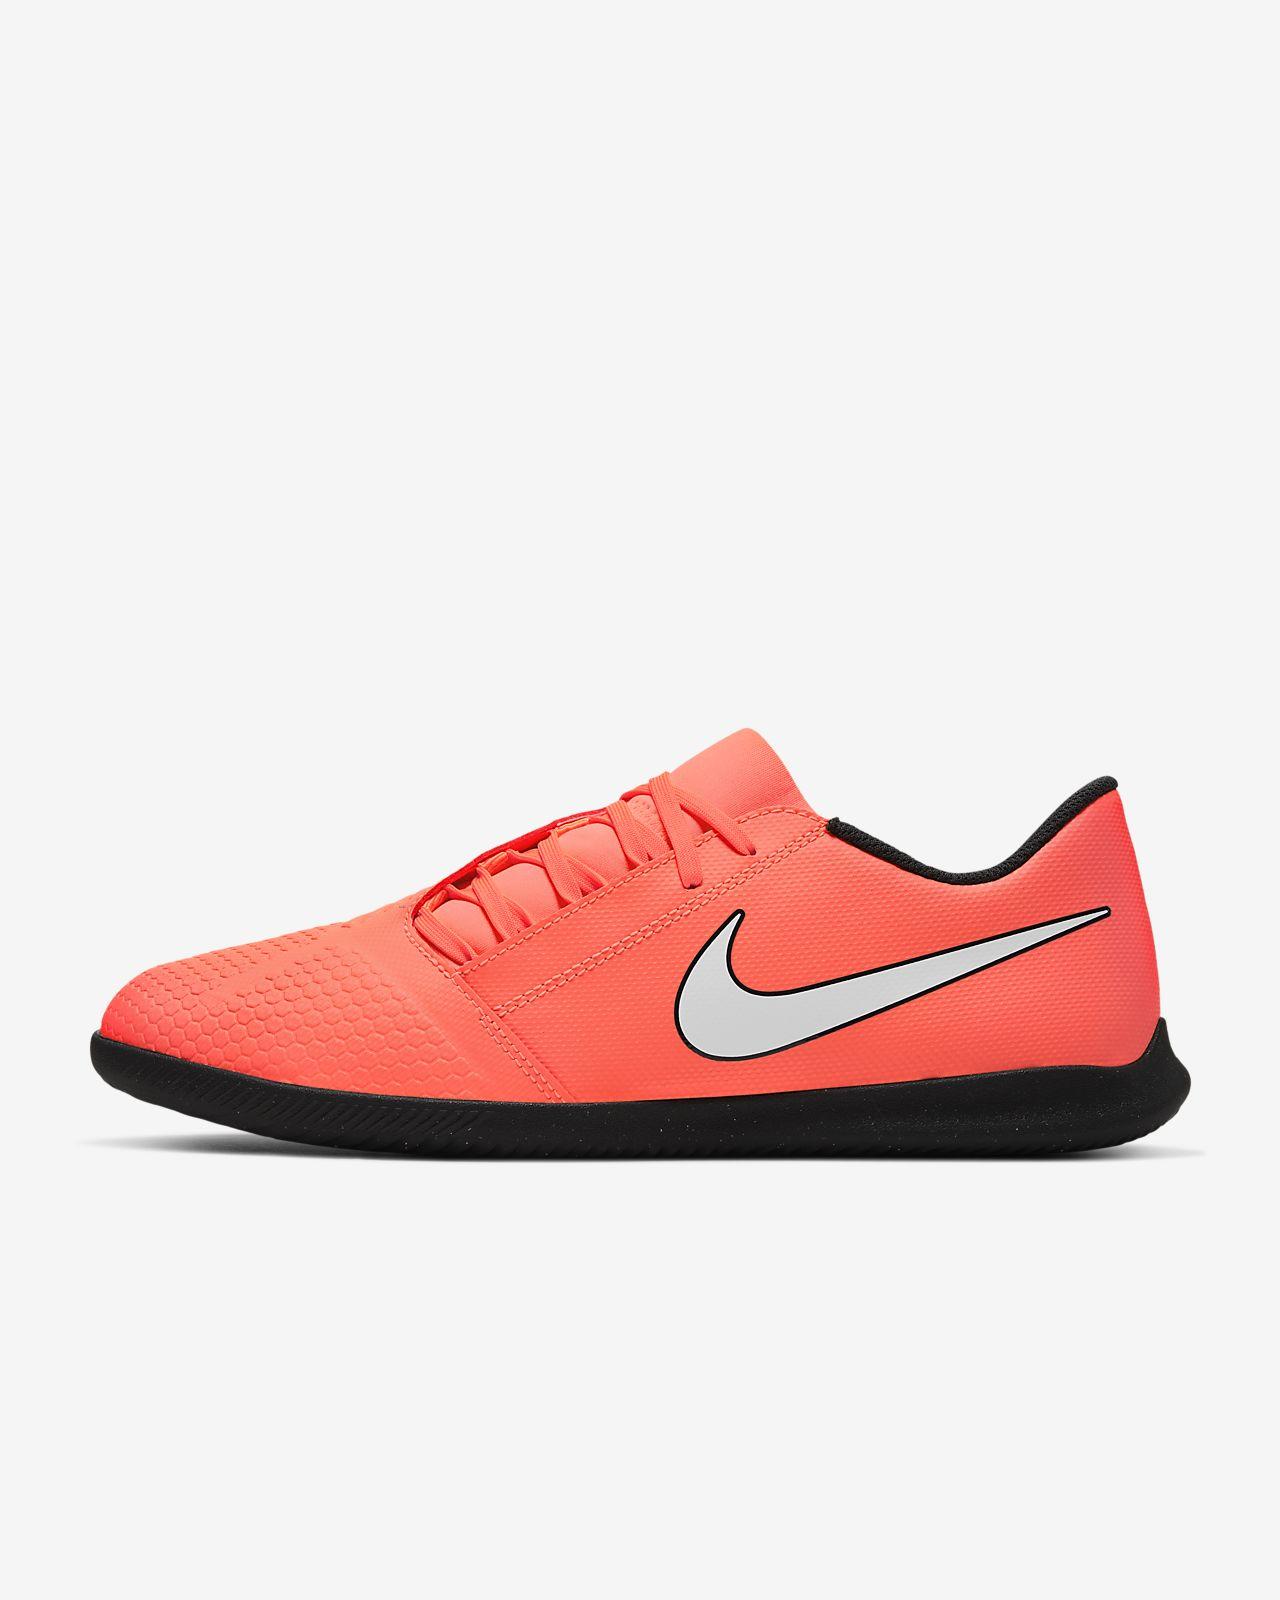 Sapatilhas de futsal Nike Phantom Venom Club IC